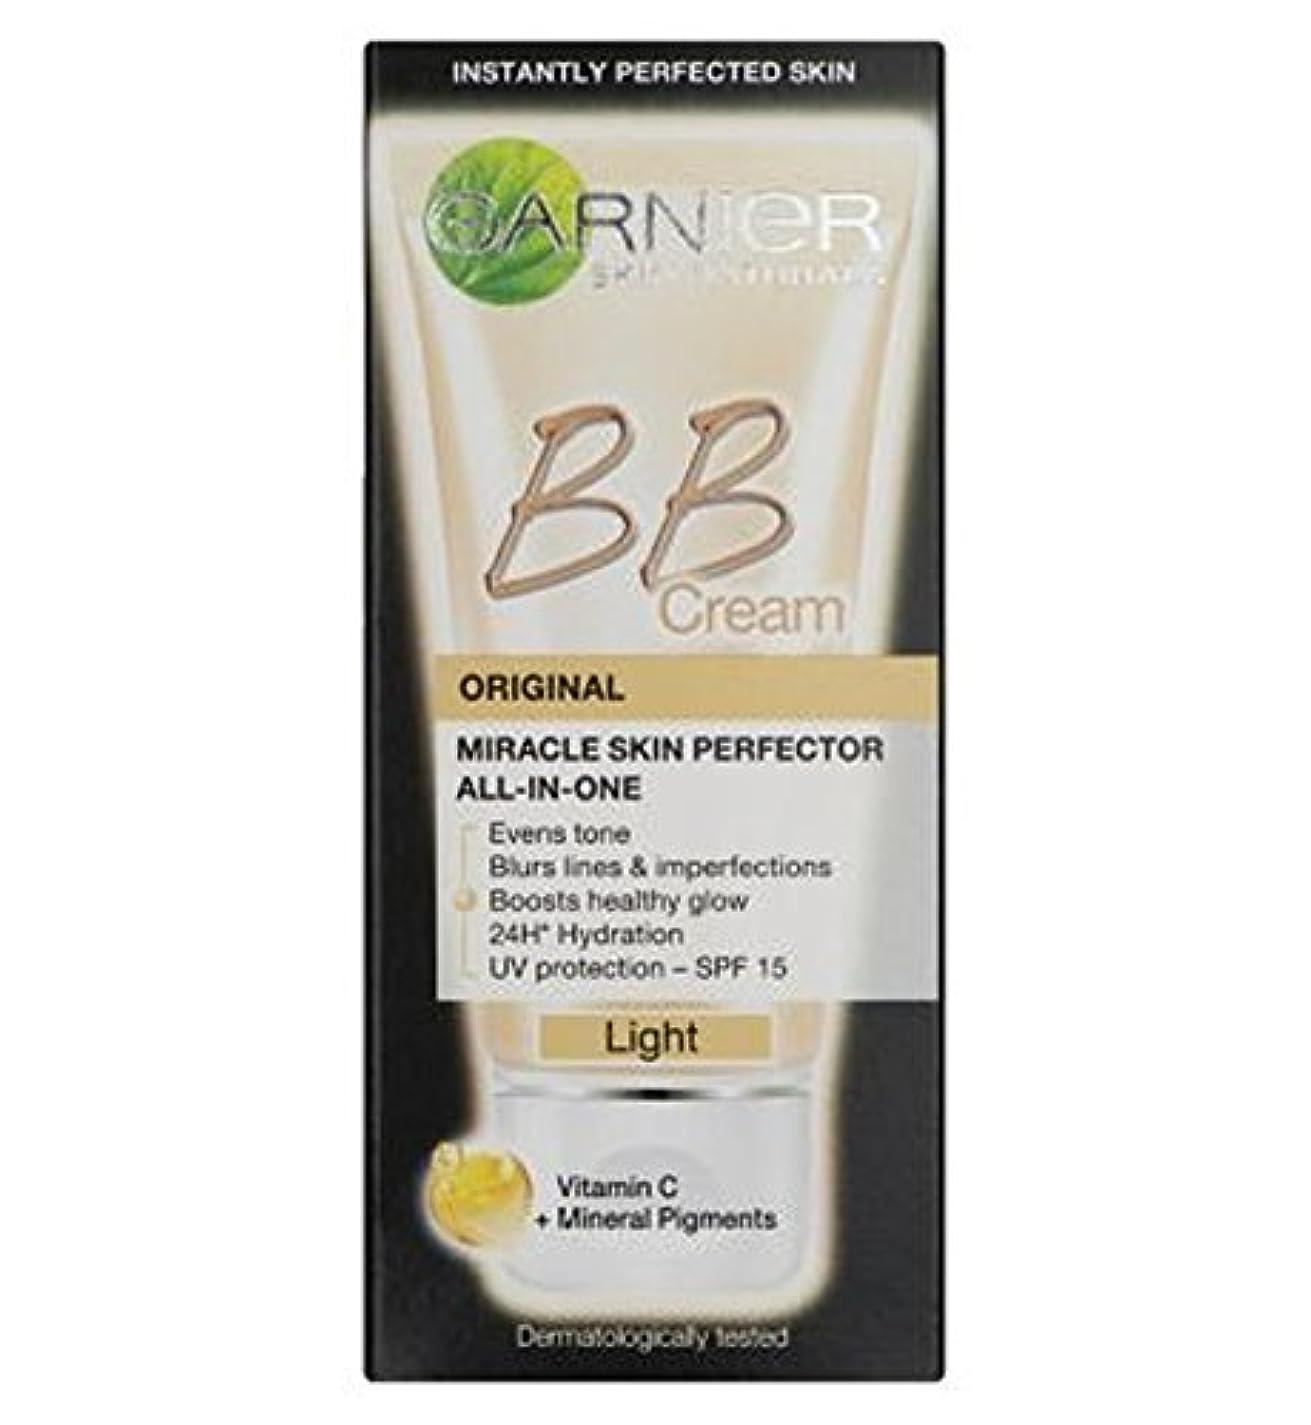 送信する卒業キリマンジャロ毎日オールインワンB.B.ガルニエスキンパーフェク傷バームクリームライト50ミリリットル (Garnier) (x2) - Garnier Skin Perfector Daily All-In-One B.B. Blemish...